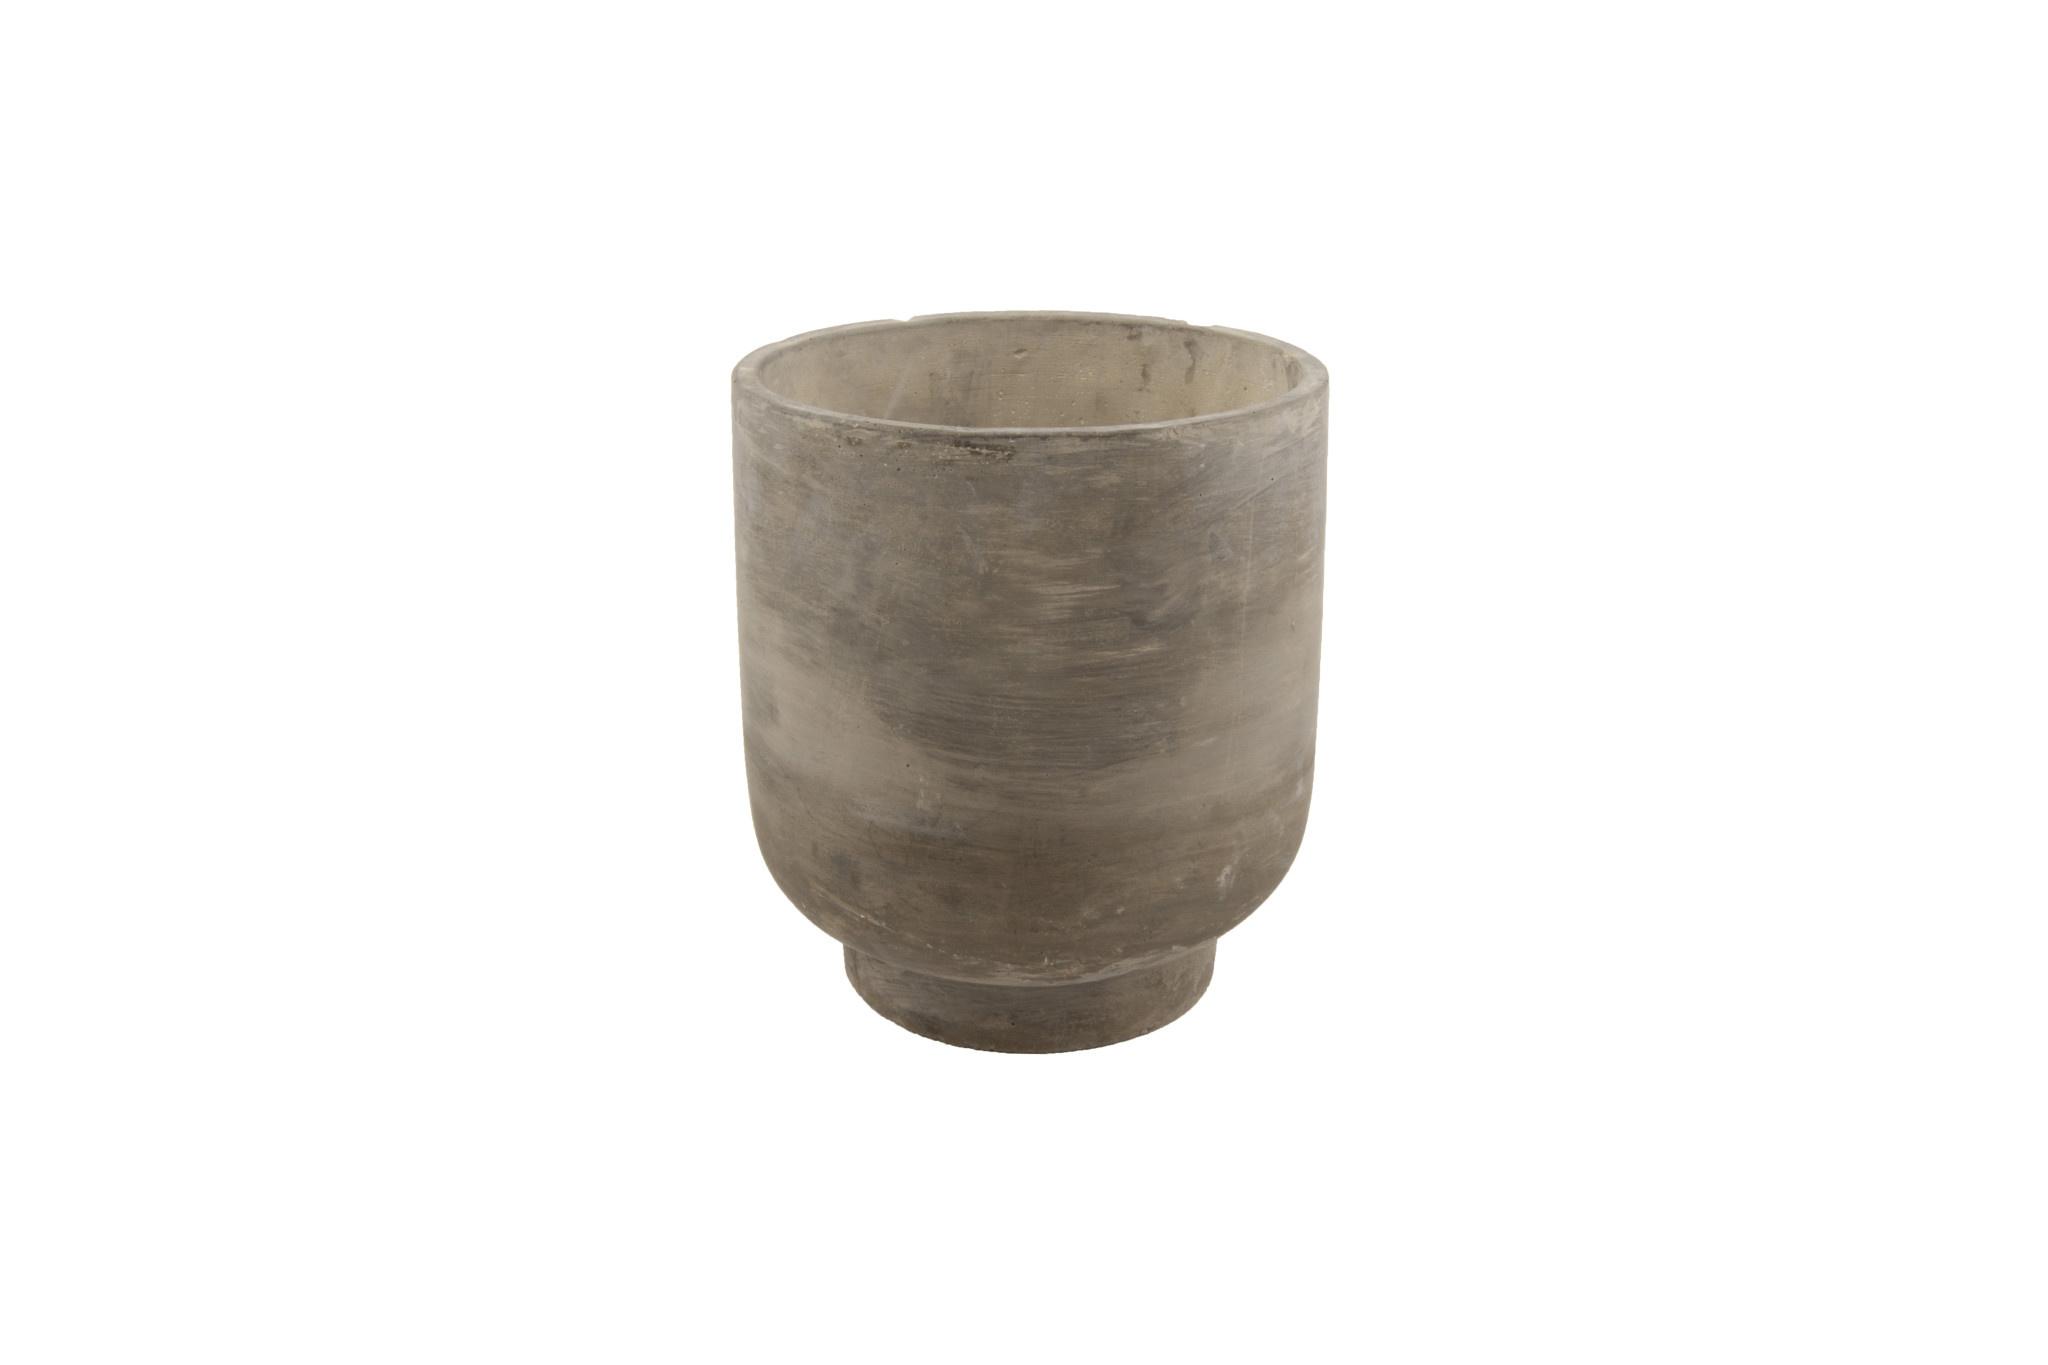 TALE - Pot-1